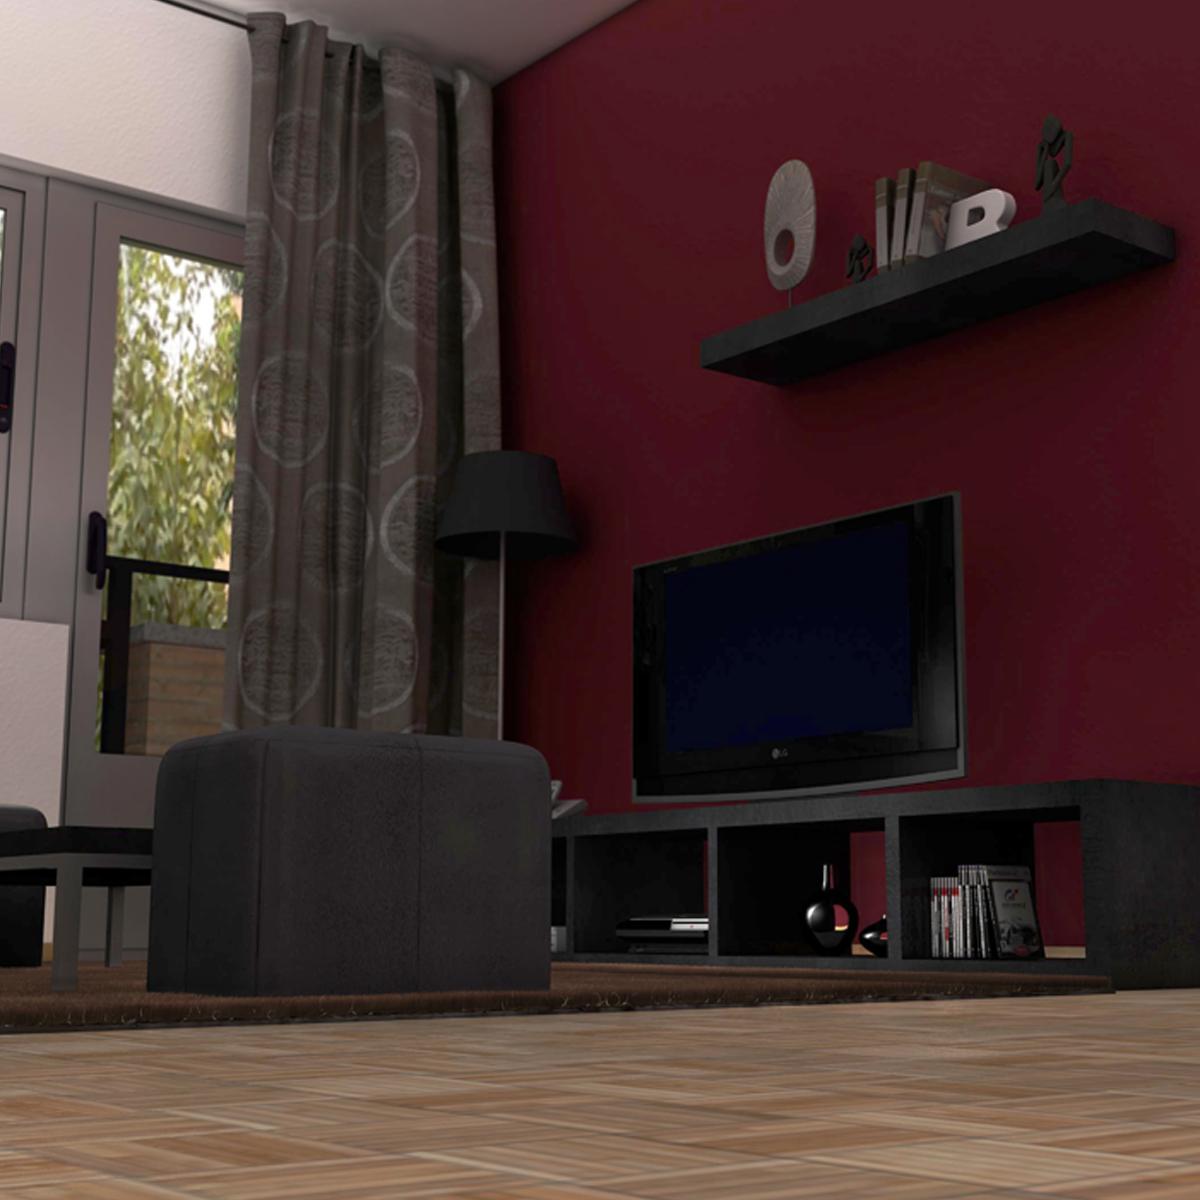 dzīvojamā istaba 3d modelis 3ds max fbx c4d ma mb obj 159608